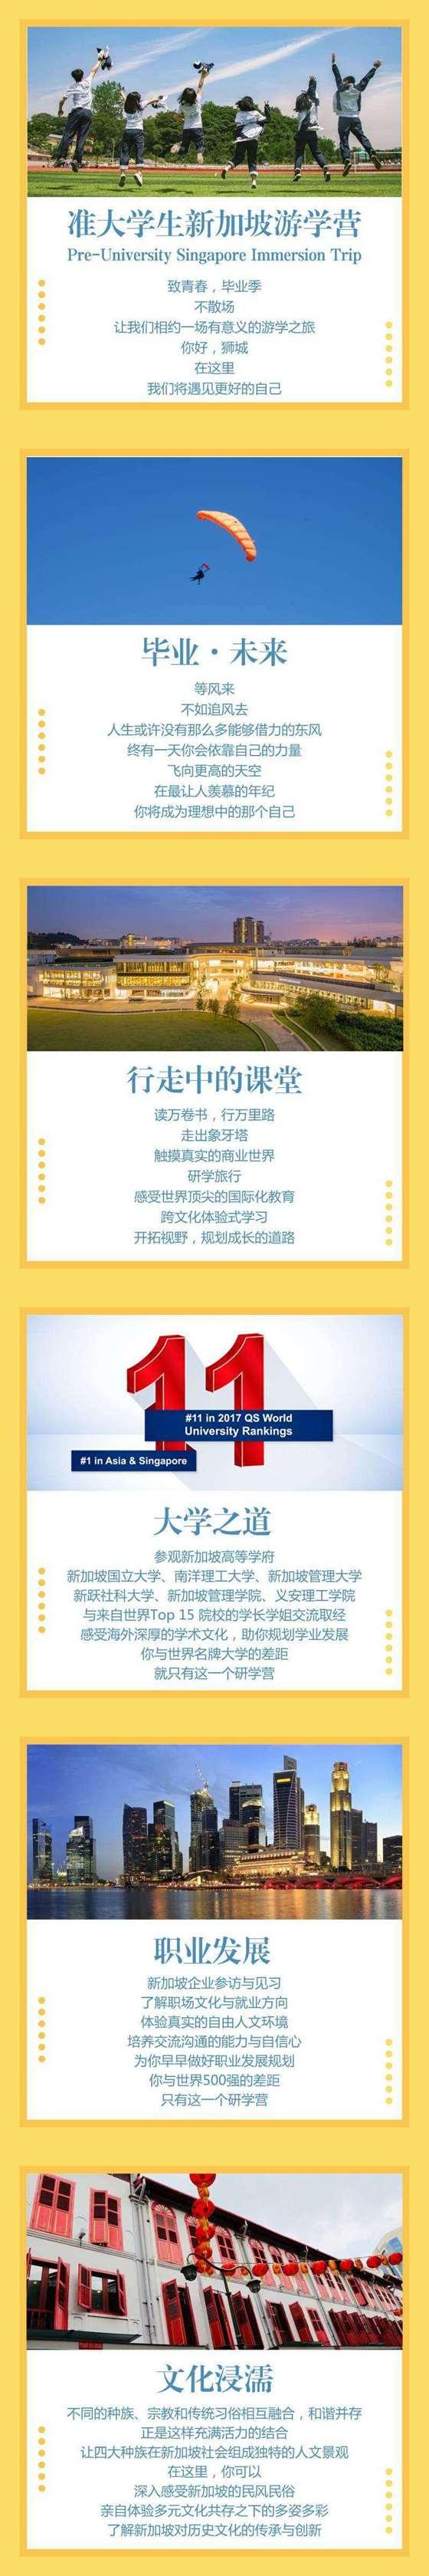 高中毕业生培训营商品图片_社交图片_2018.07.04.jpg